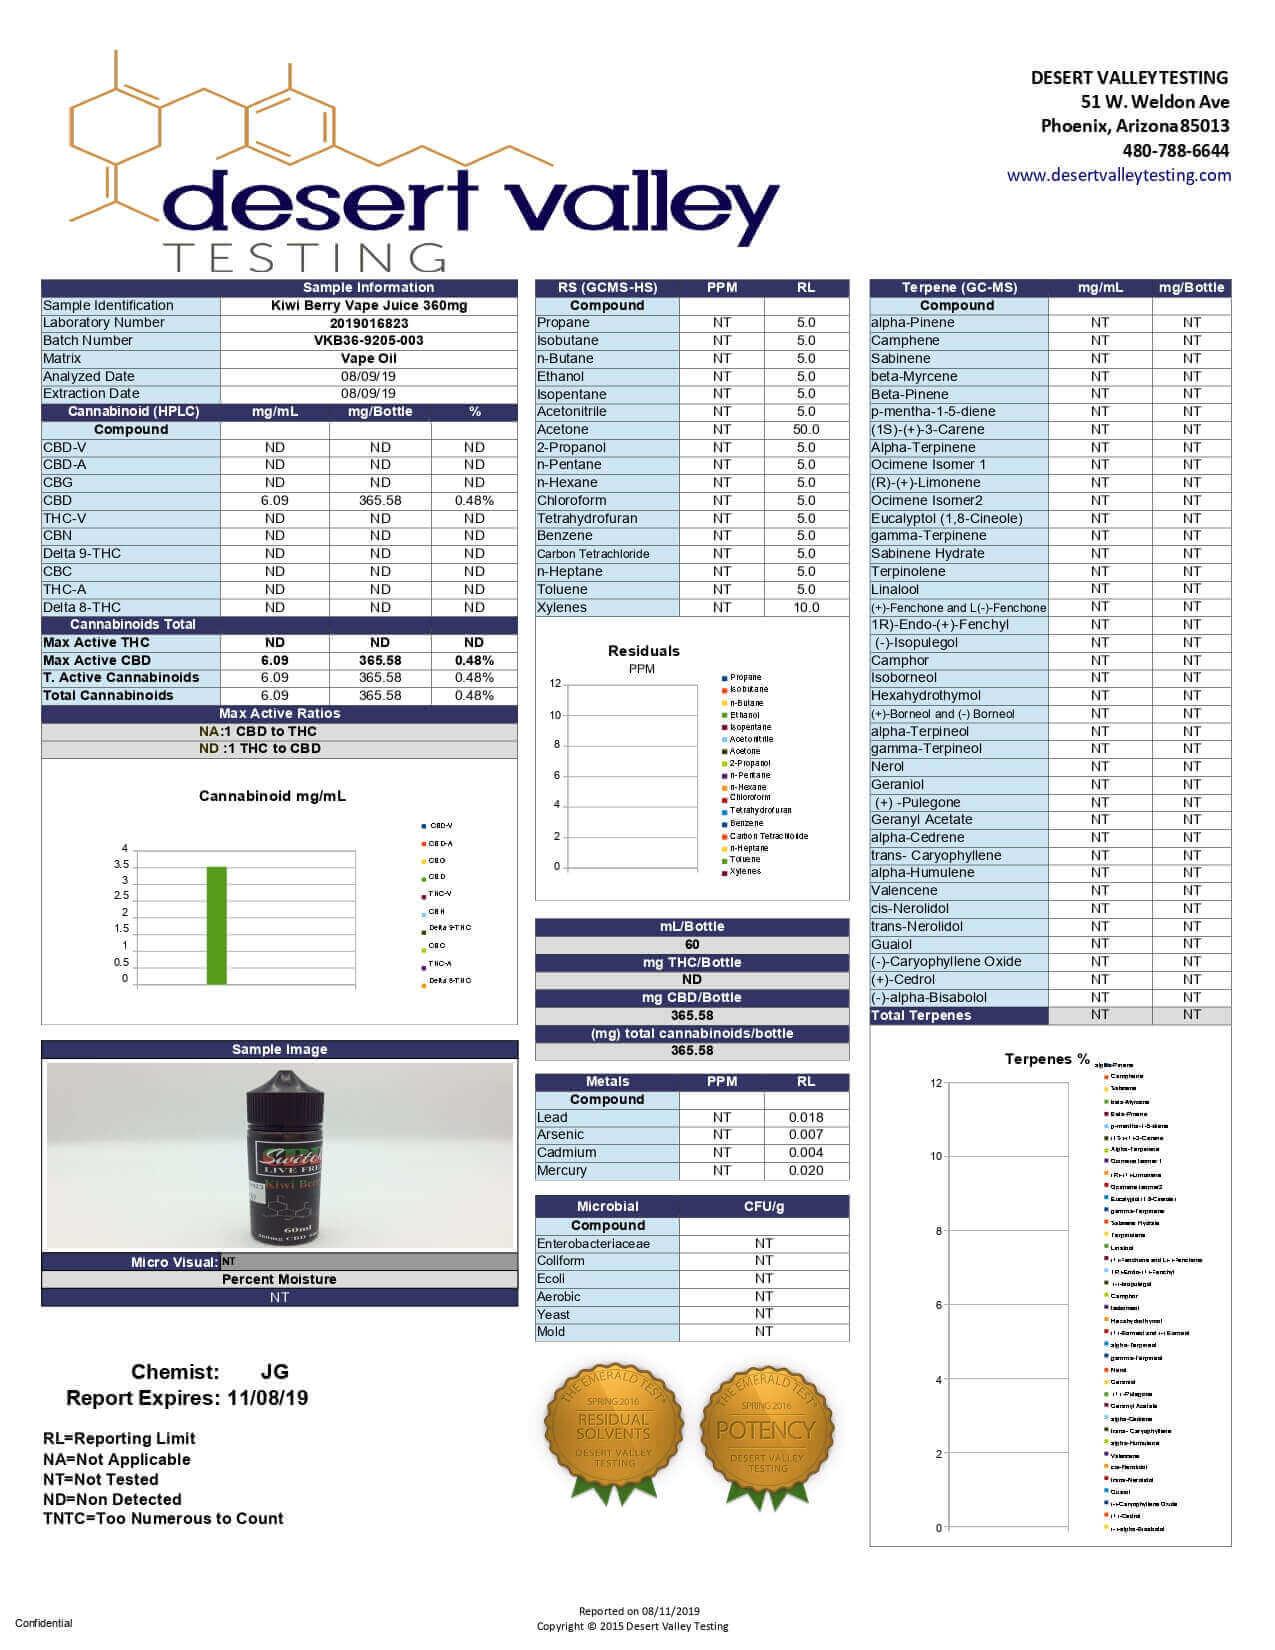 Switch CBD Vape Kiwi Berry 360mg Lab Report